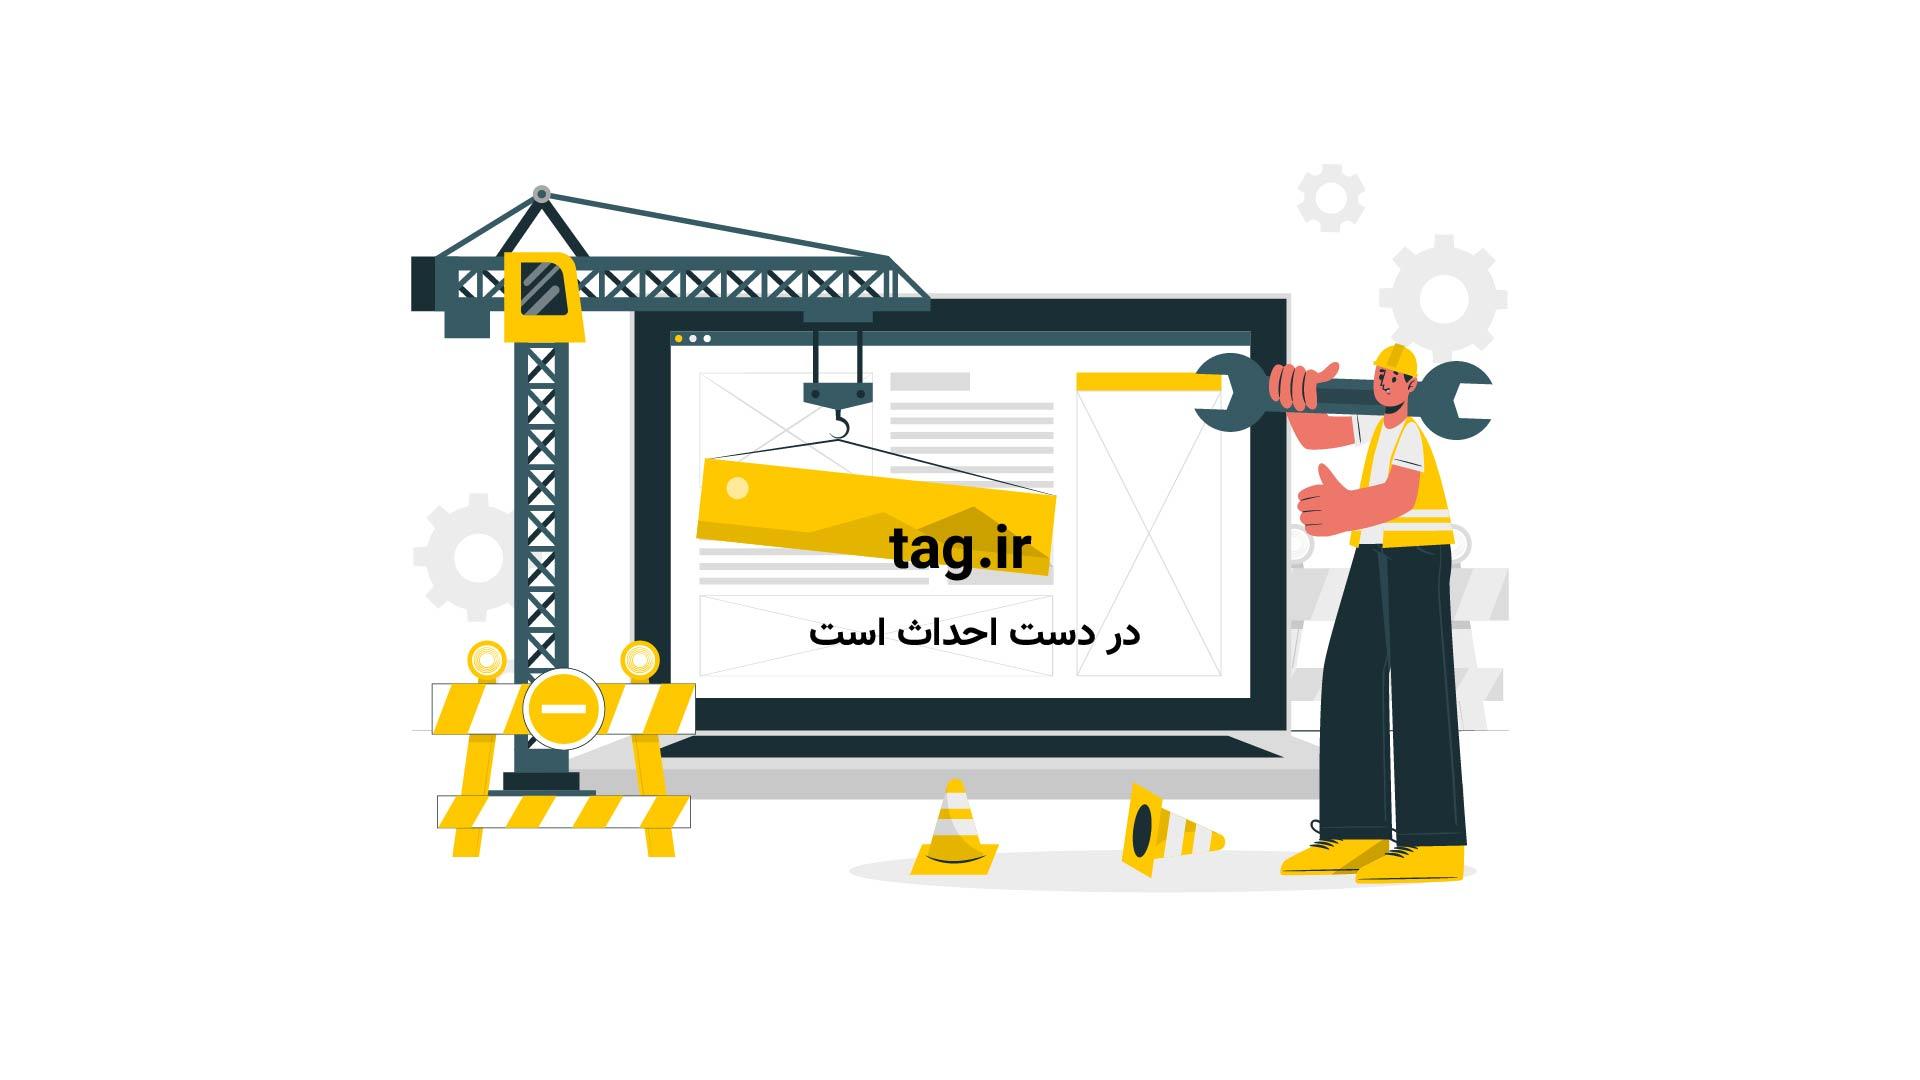 سخنرانی های تد؛ هوش مصنوعی و بینایی ماشین ها |فیلم